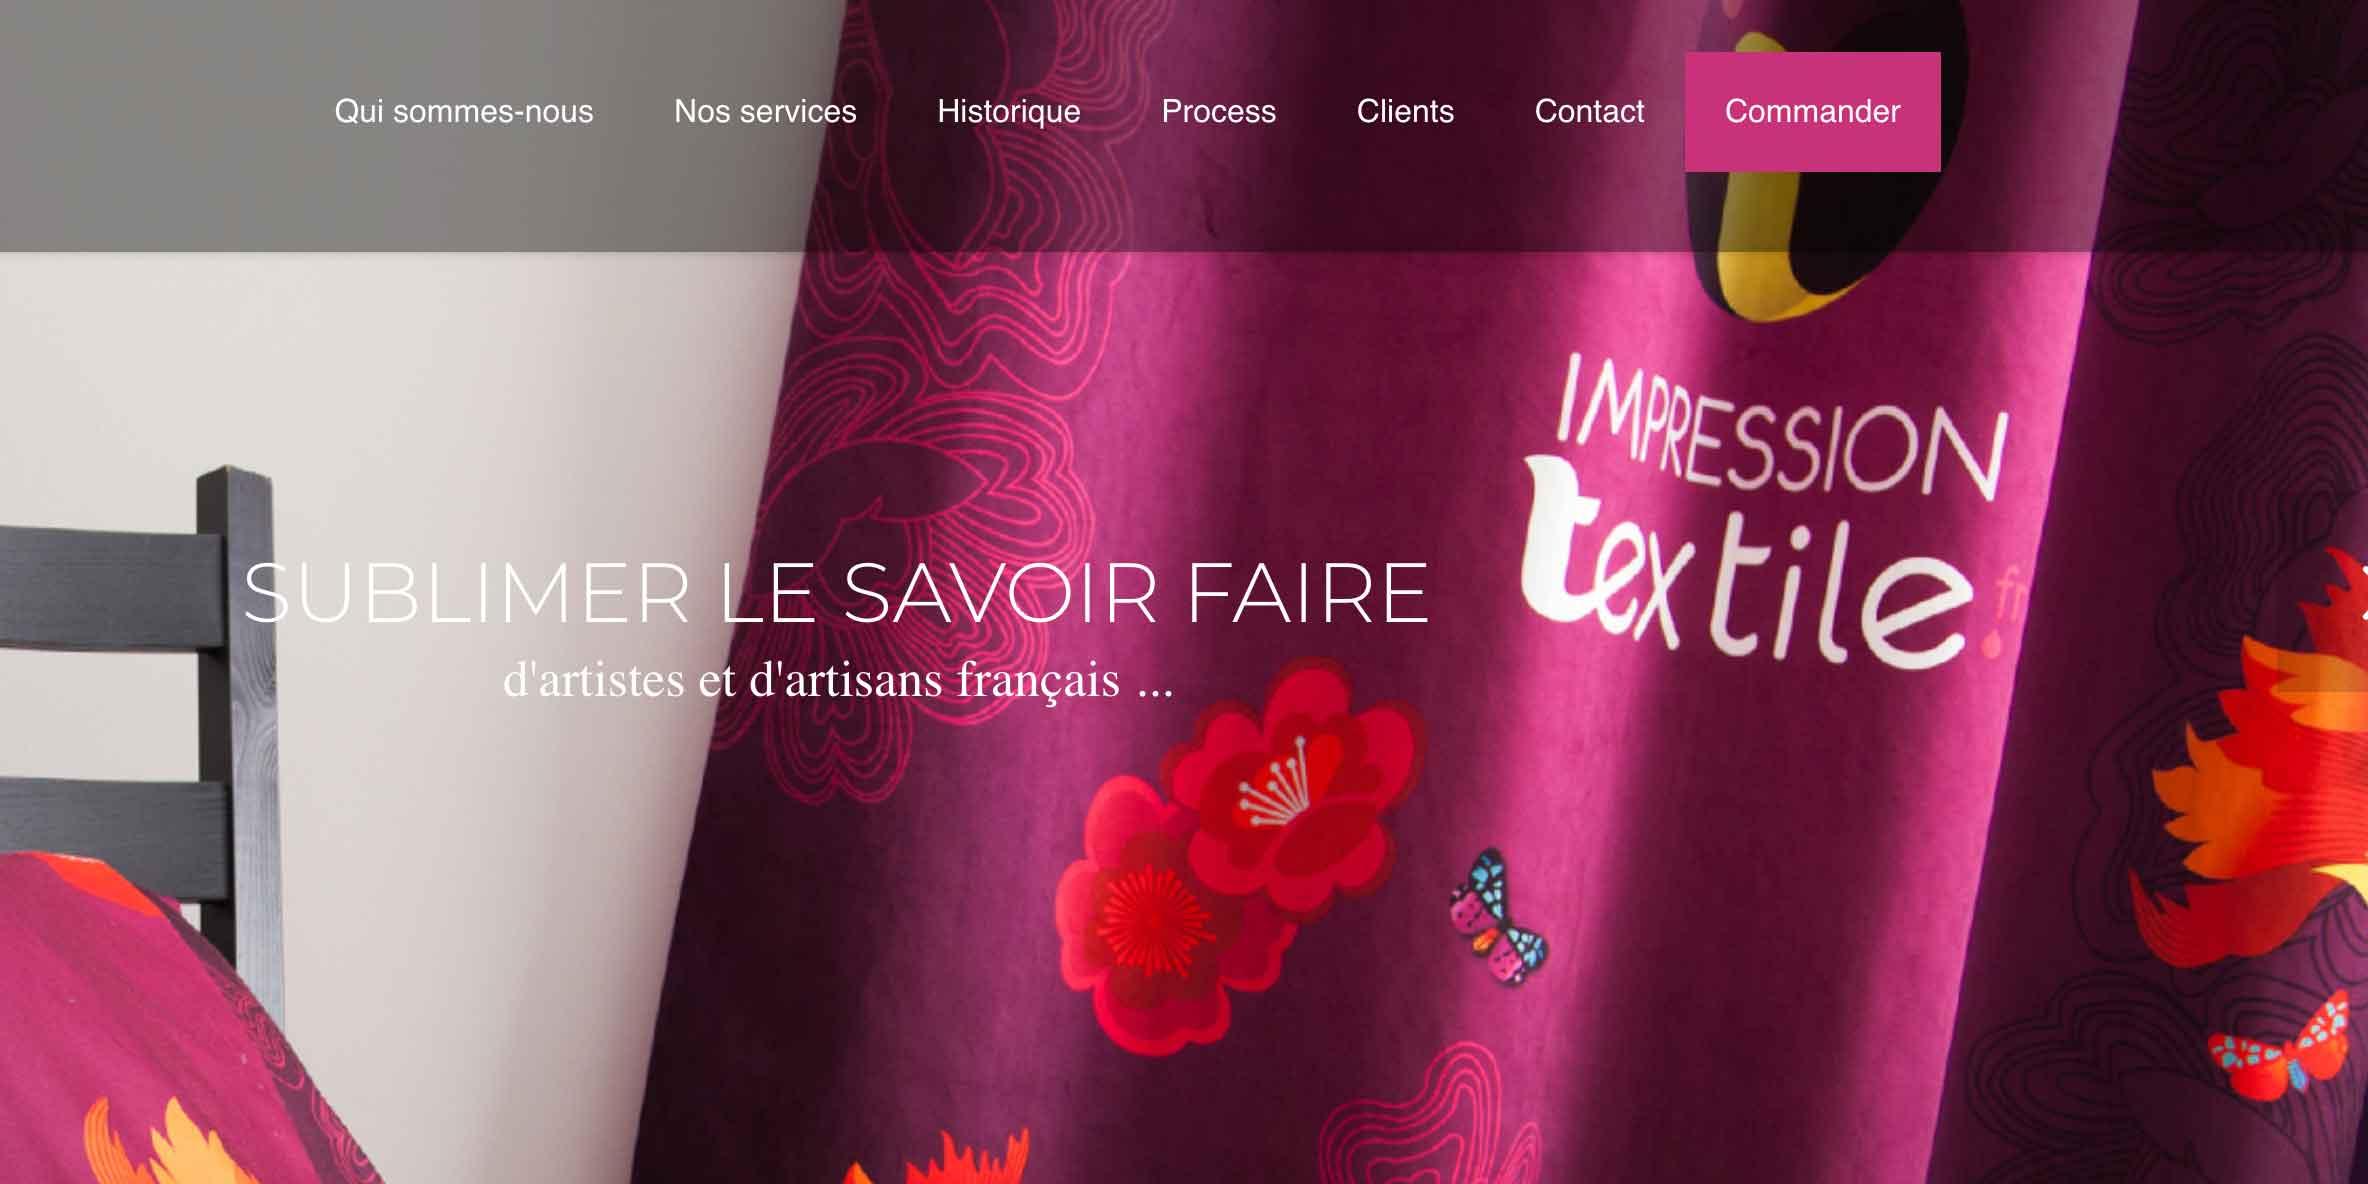 mpressiontextile.fr : de la mode à la décoration